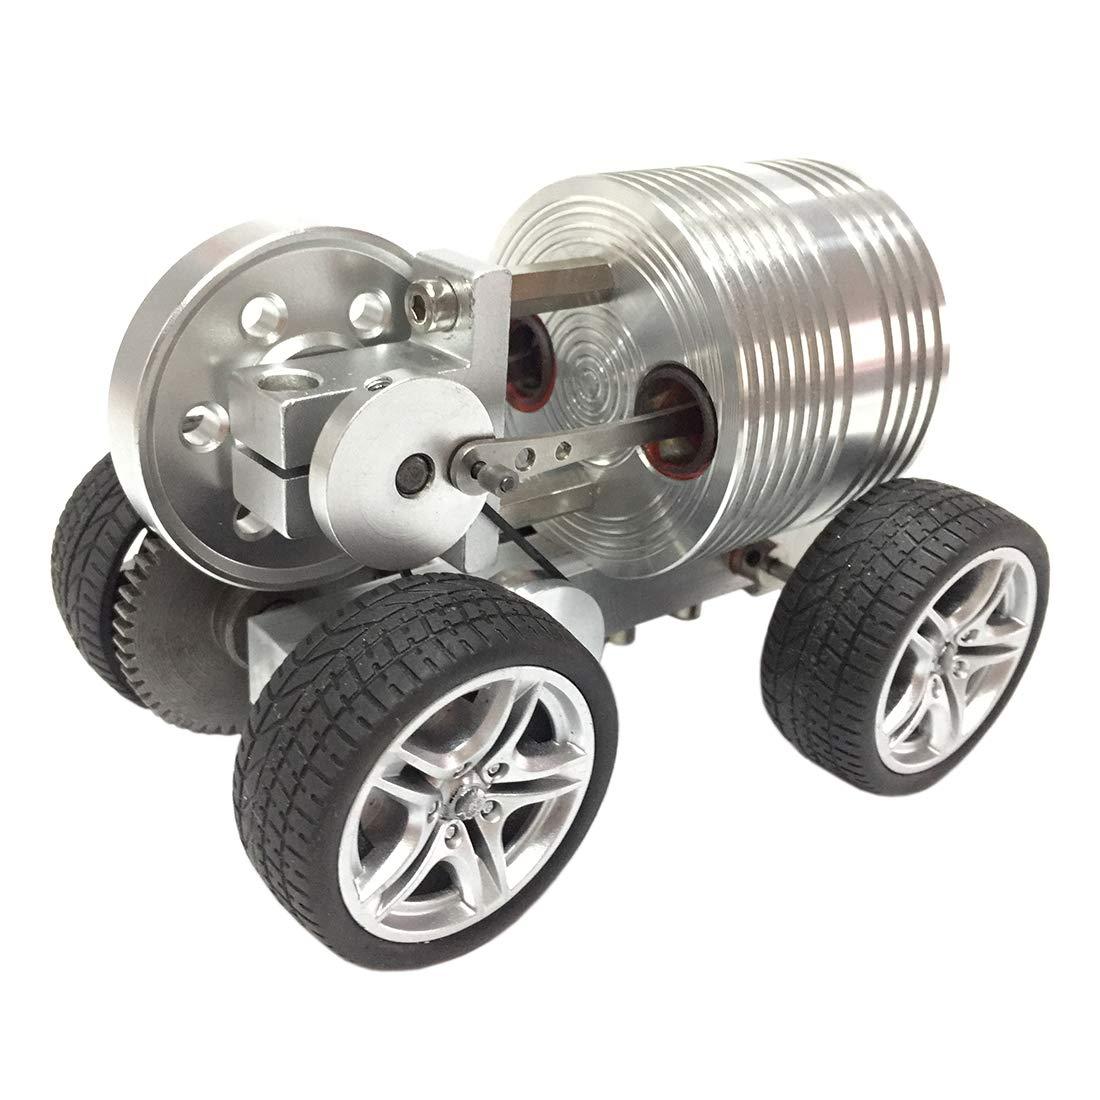 B 1cm Poxl Stirlingmotor Auto, Stirlingmotor Bausatz Metall Pädagogisches Spielzeug für Geburtstagsgeschenk Kinder und Technikbegeisterte